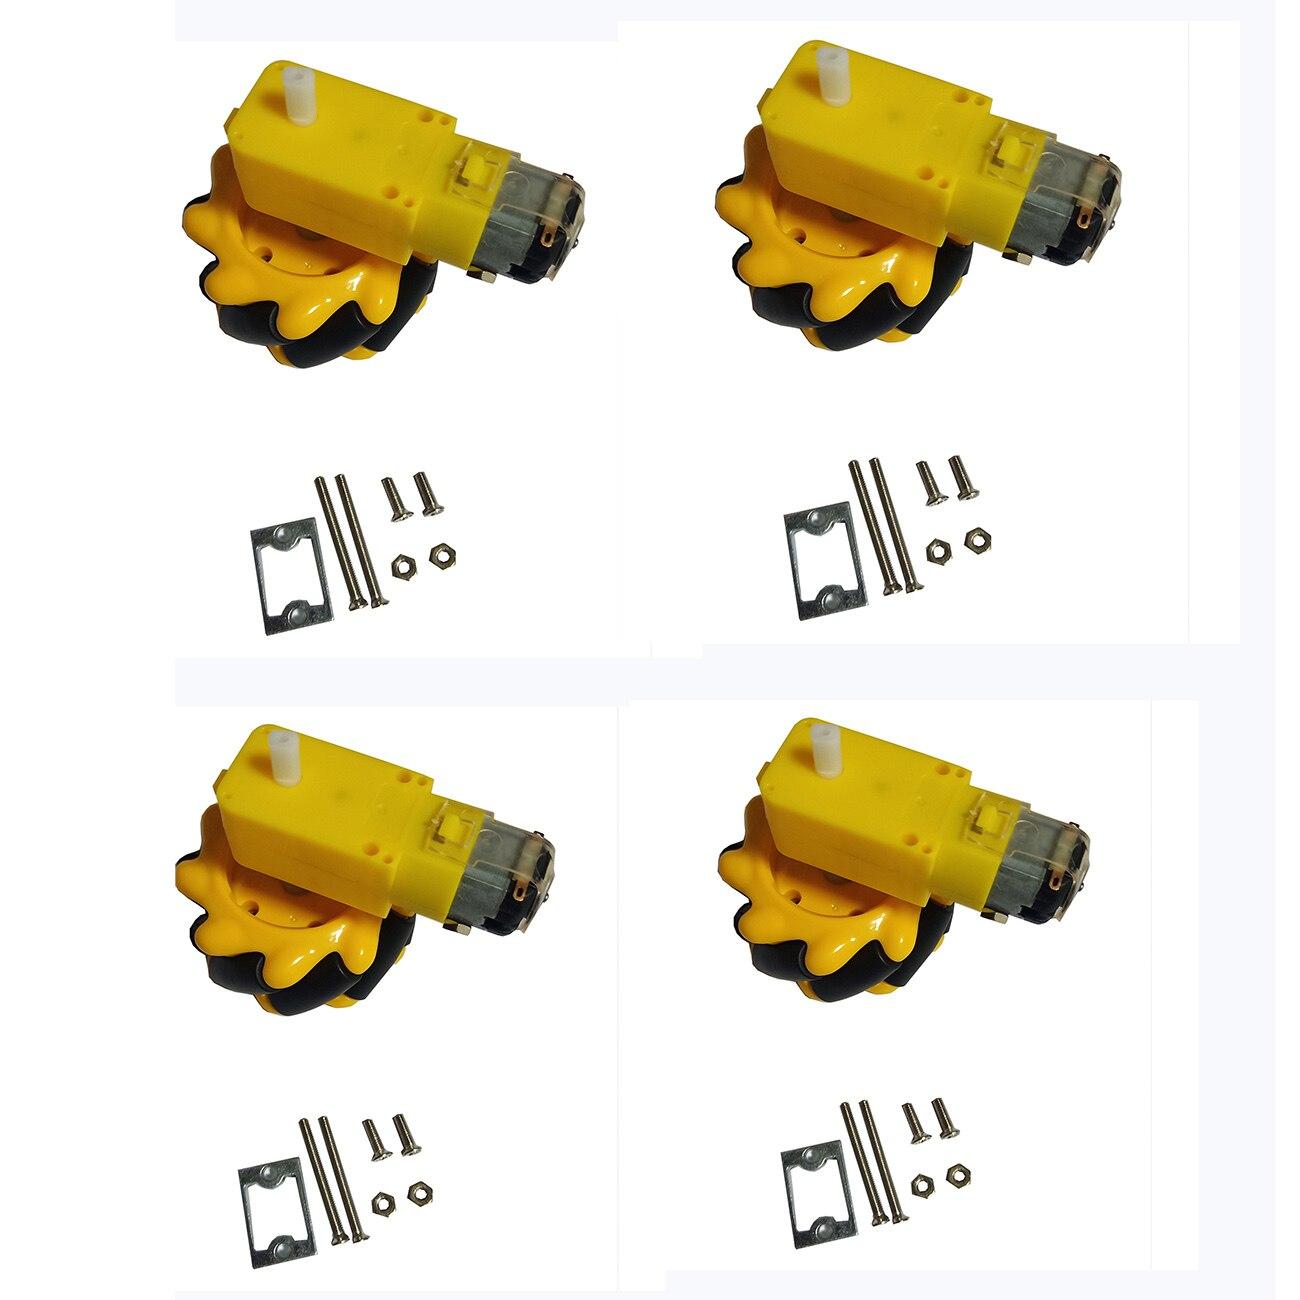 4 pçs 60mm roda mecanum + 4pcs tt motor + 4pcs tt montagem do motor para arduino diy projeto brinquedo peças de controle remoto